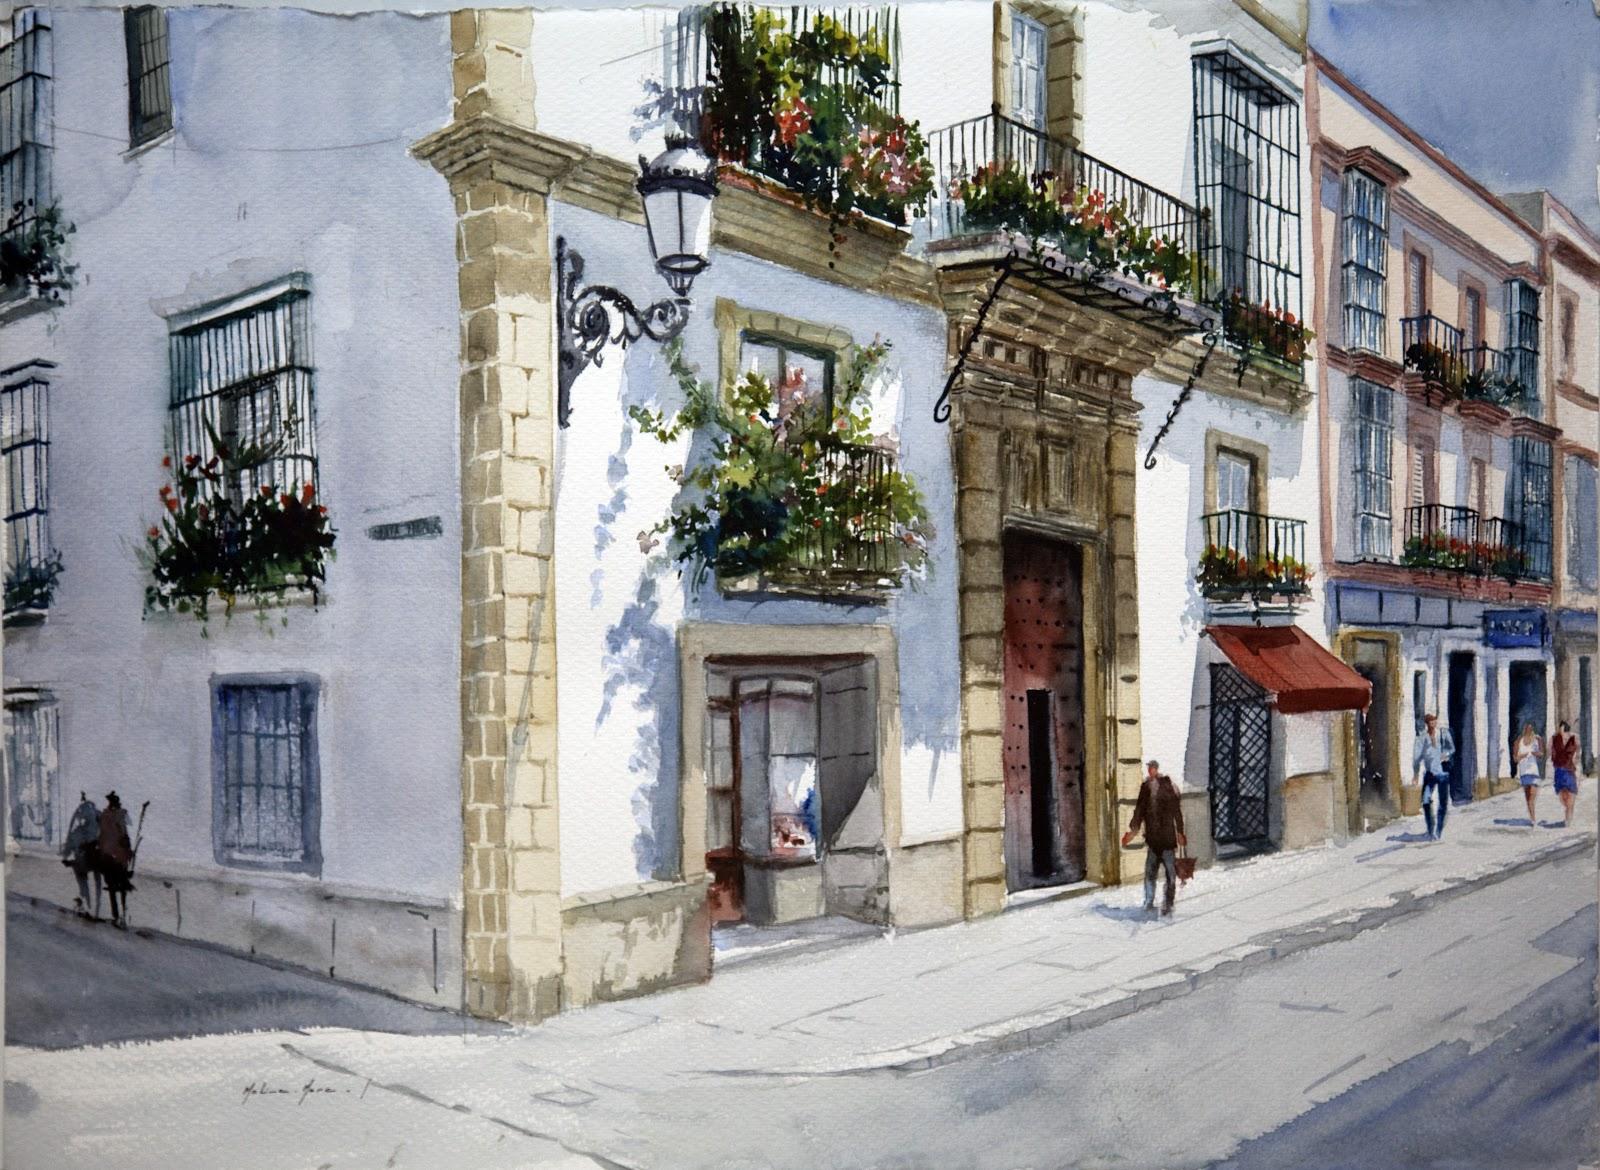 Jose luis molina mora calle luna en el puerto de santa mar a - El puerto santa maria ...